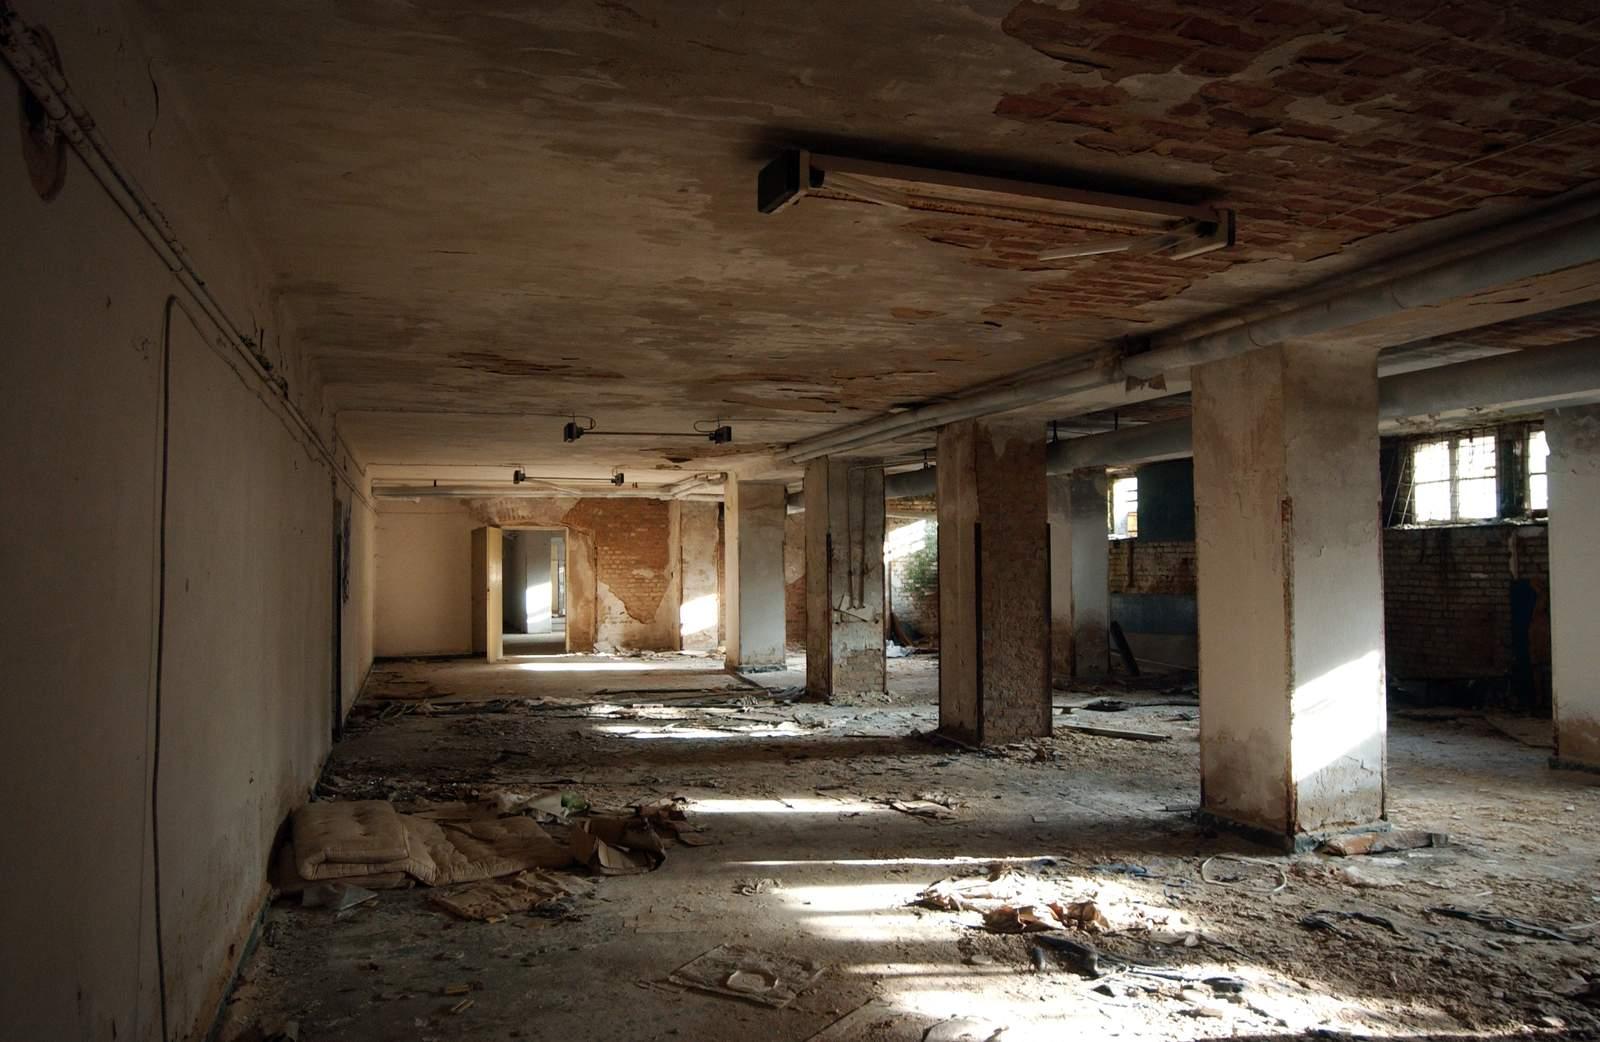 beelitz heilstatten9 Abandoned Beelitz Heilstatten Hospital